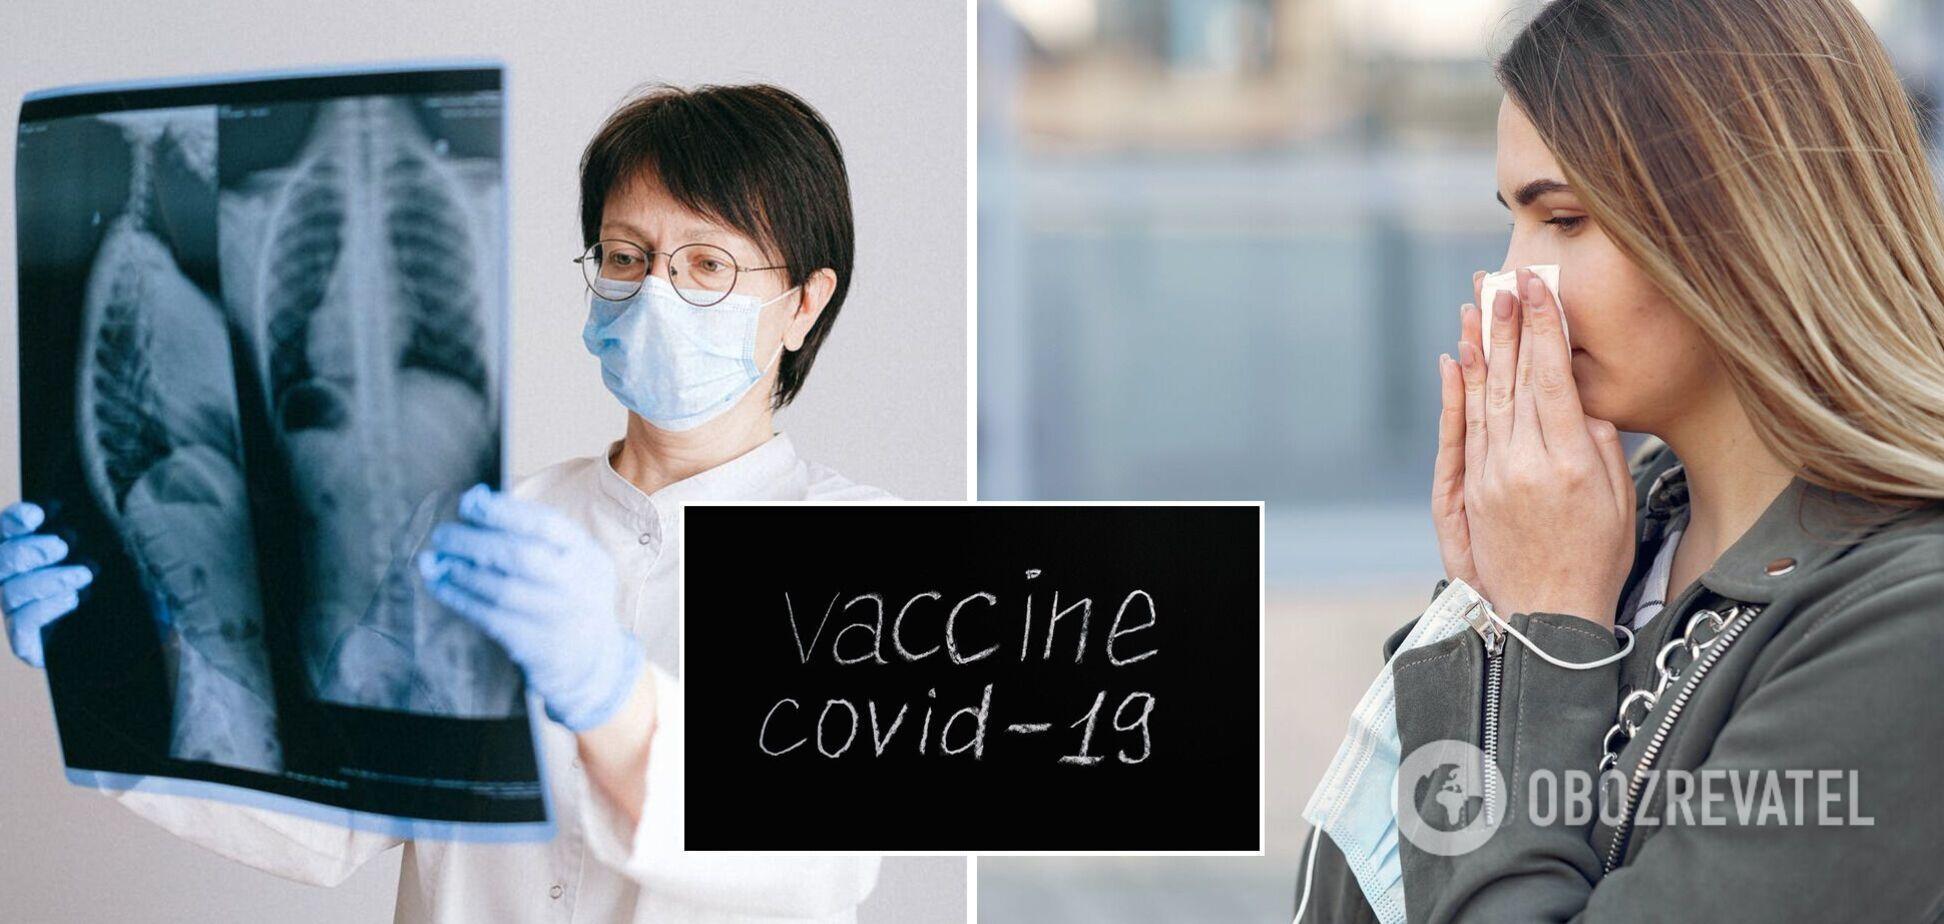 Ляшко о вакцинации от COVID-19: посмотрите на Британию и Данию, там коронавирус переходит в сезонное заболевание